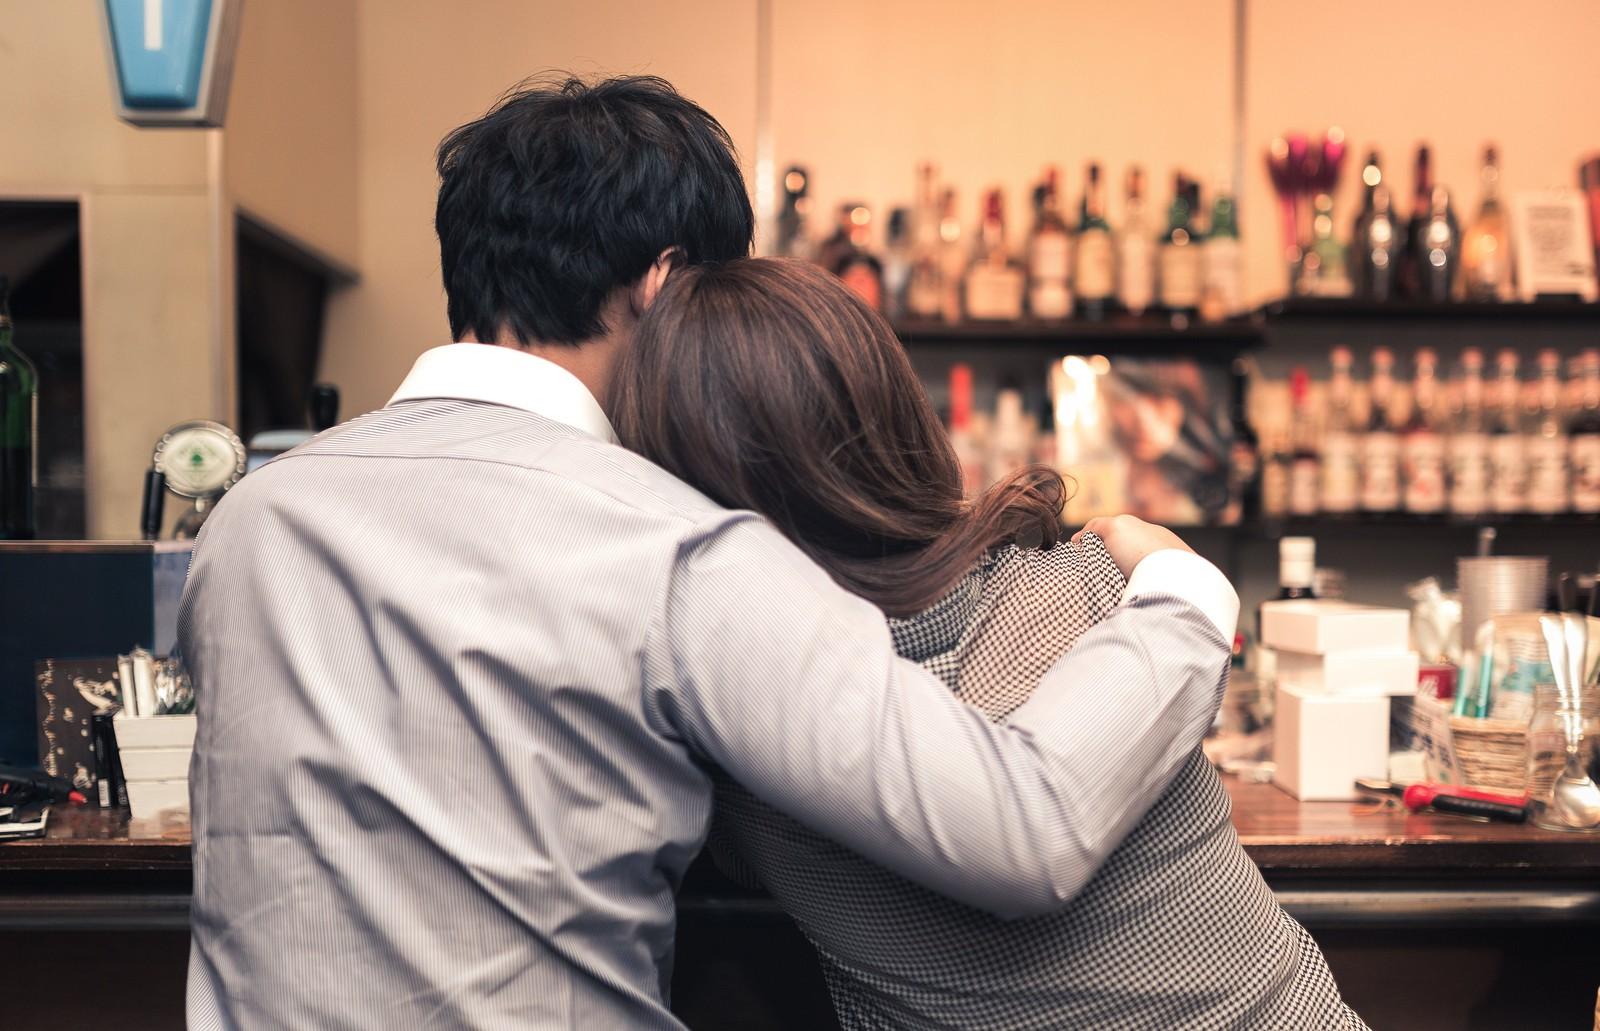 【結婚できた】18年間恋人がいなかった私が彼女を3人も作れた!10代20代で恋人がいなかった人におすすめするハードルが低い出会い方